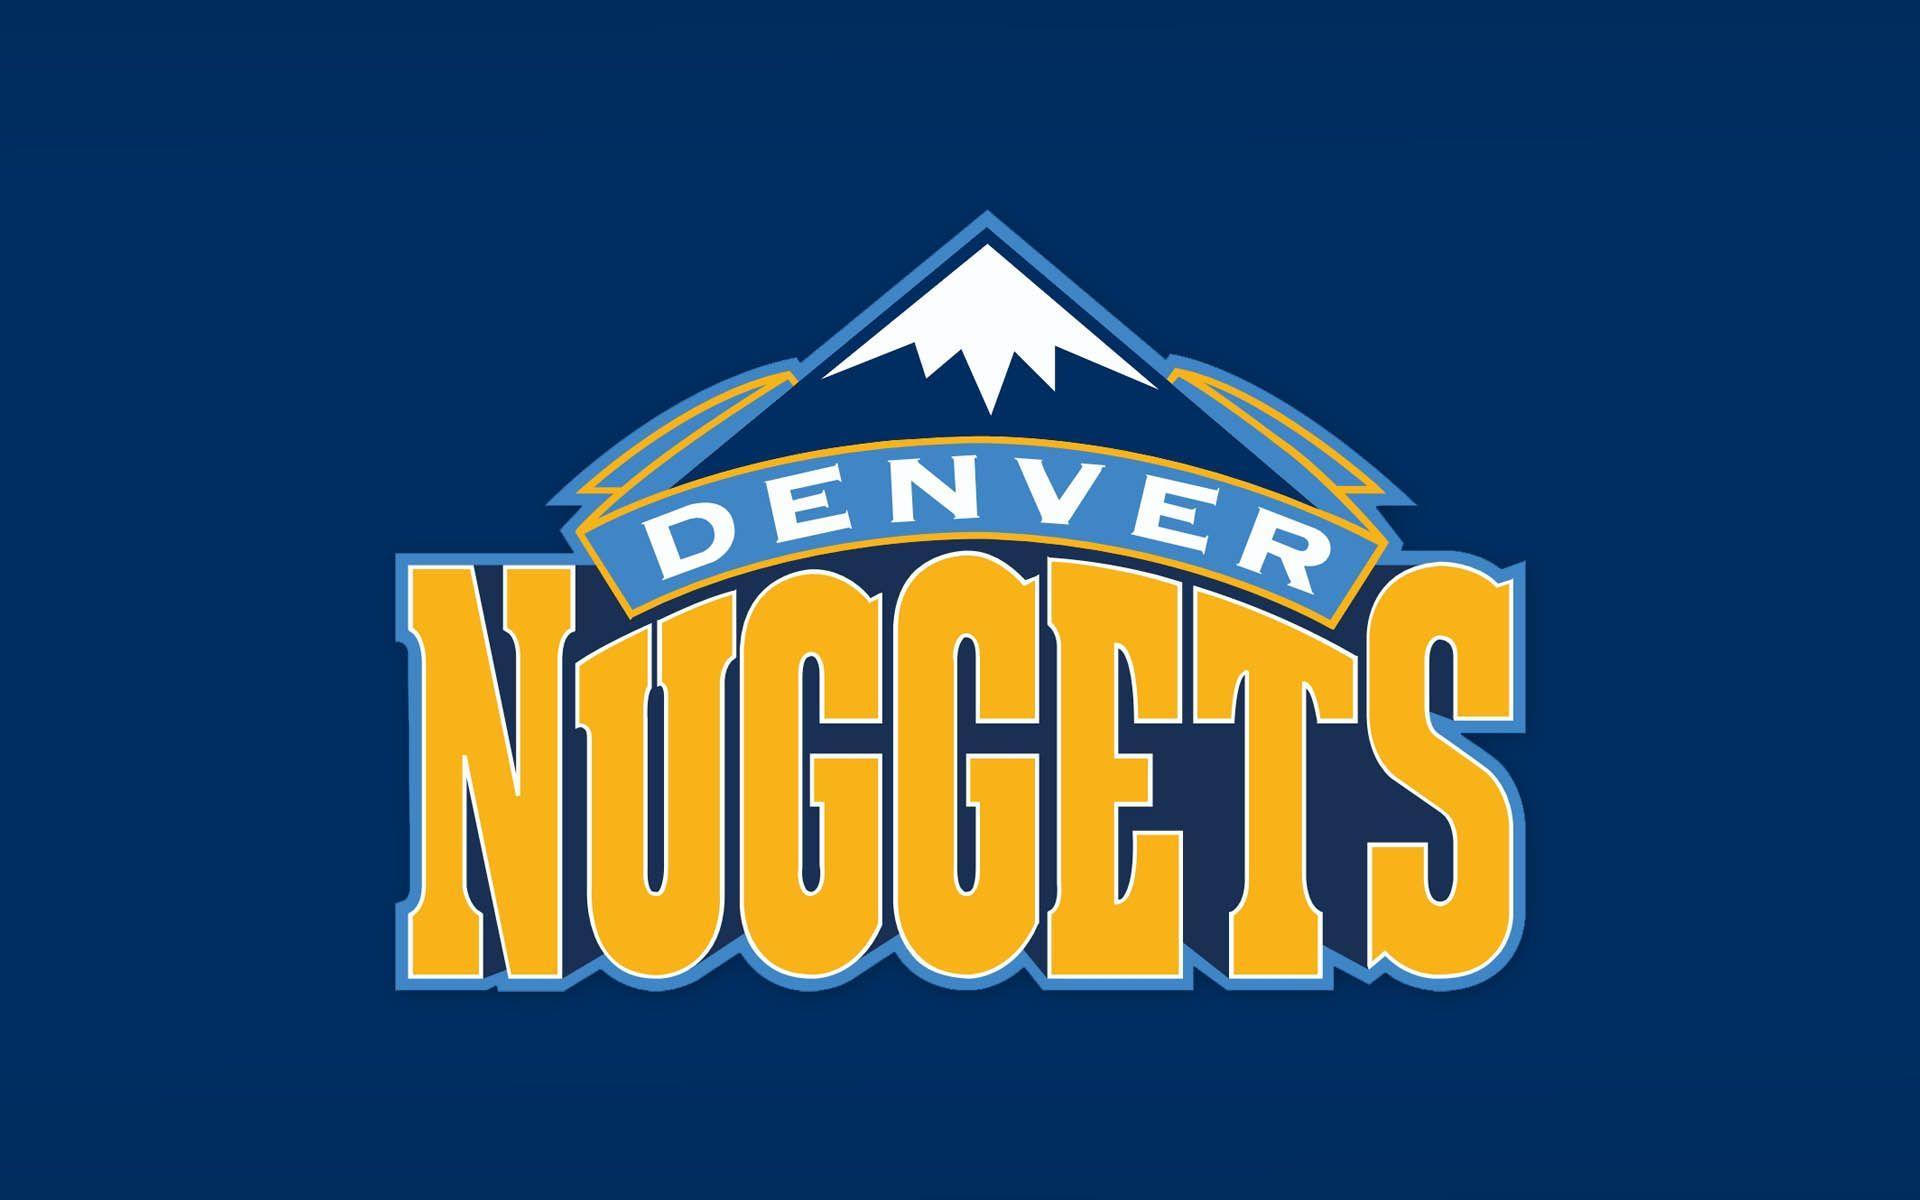 Denver Nuggets Desktop Wallpaper, Full HD Desktop Backgrounds (43 ...